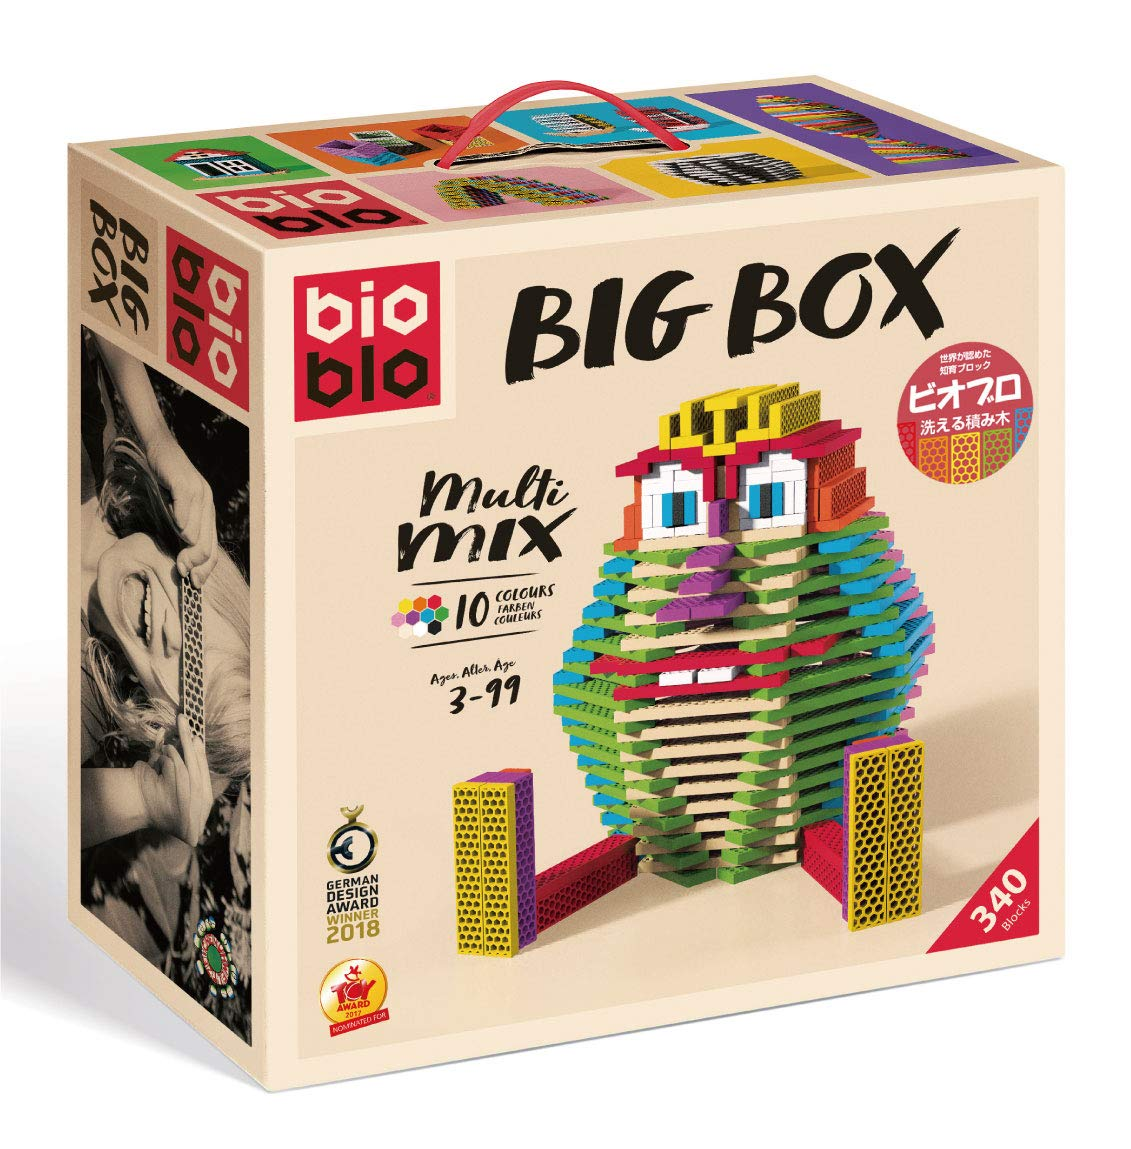 【楽天カード分割】 ビオブロ ビッグボックス(洗える木製つみ木)/Bioblo Big Big B07HC1MZHV box ビオブロ 340ピース B07HC1MZHV, 丸和商会:f7c3ebf2 --- impavidostudio.com